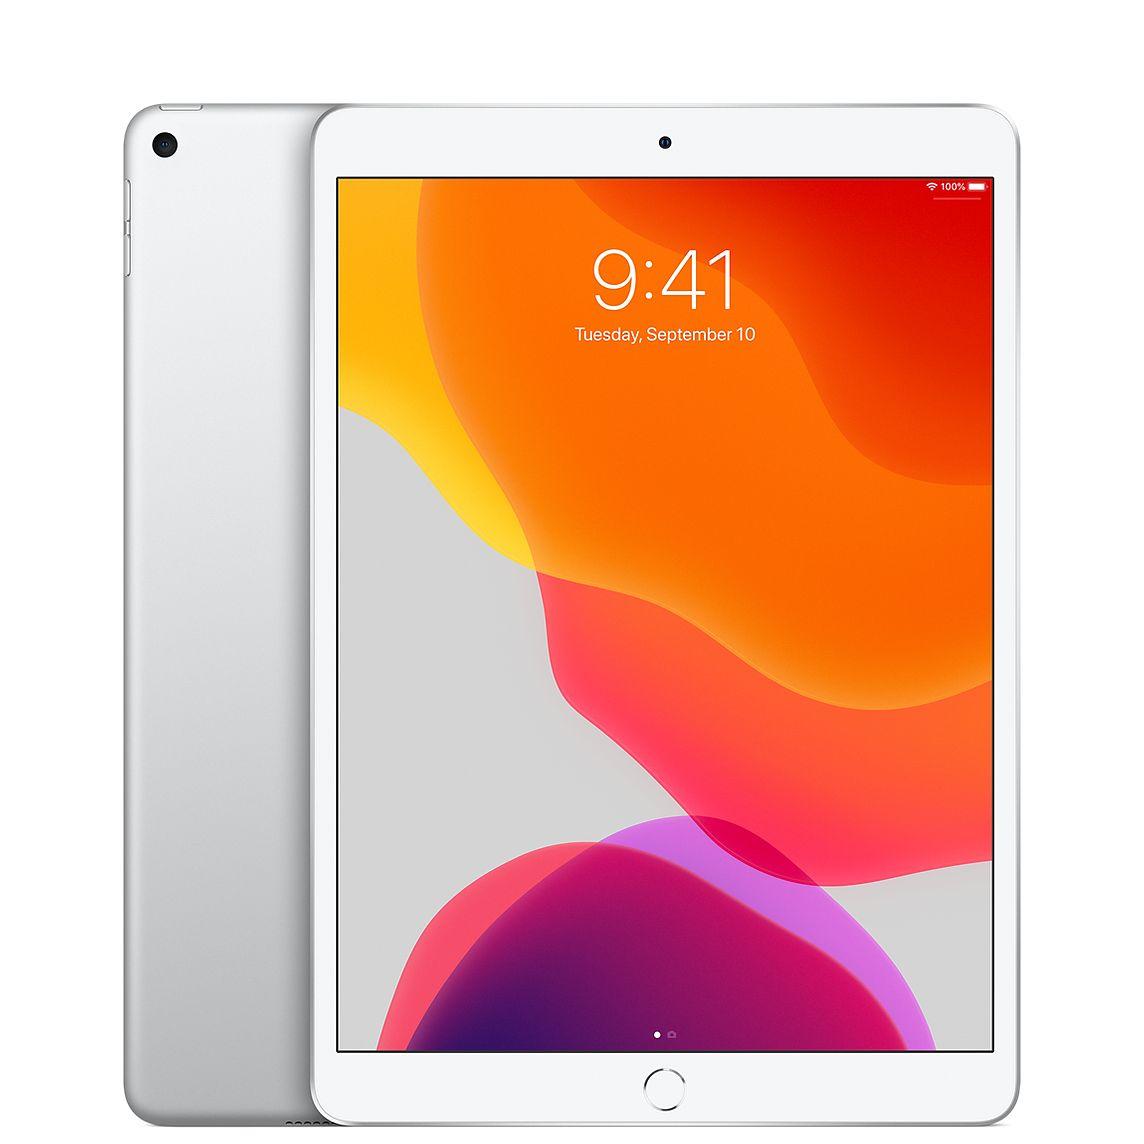 Refurbished iPad Air 3 2019 Wi-Fi 64GB (Silver) - £409 @ Apple